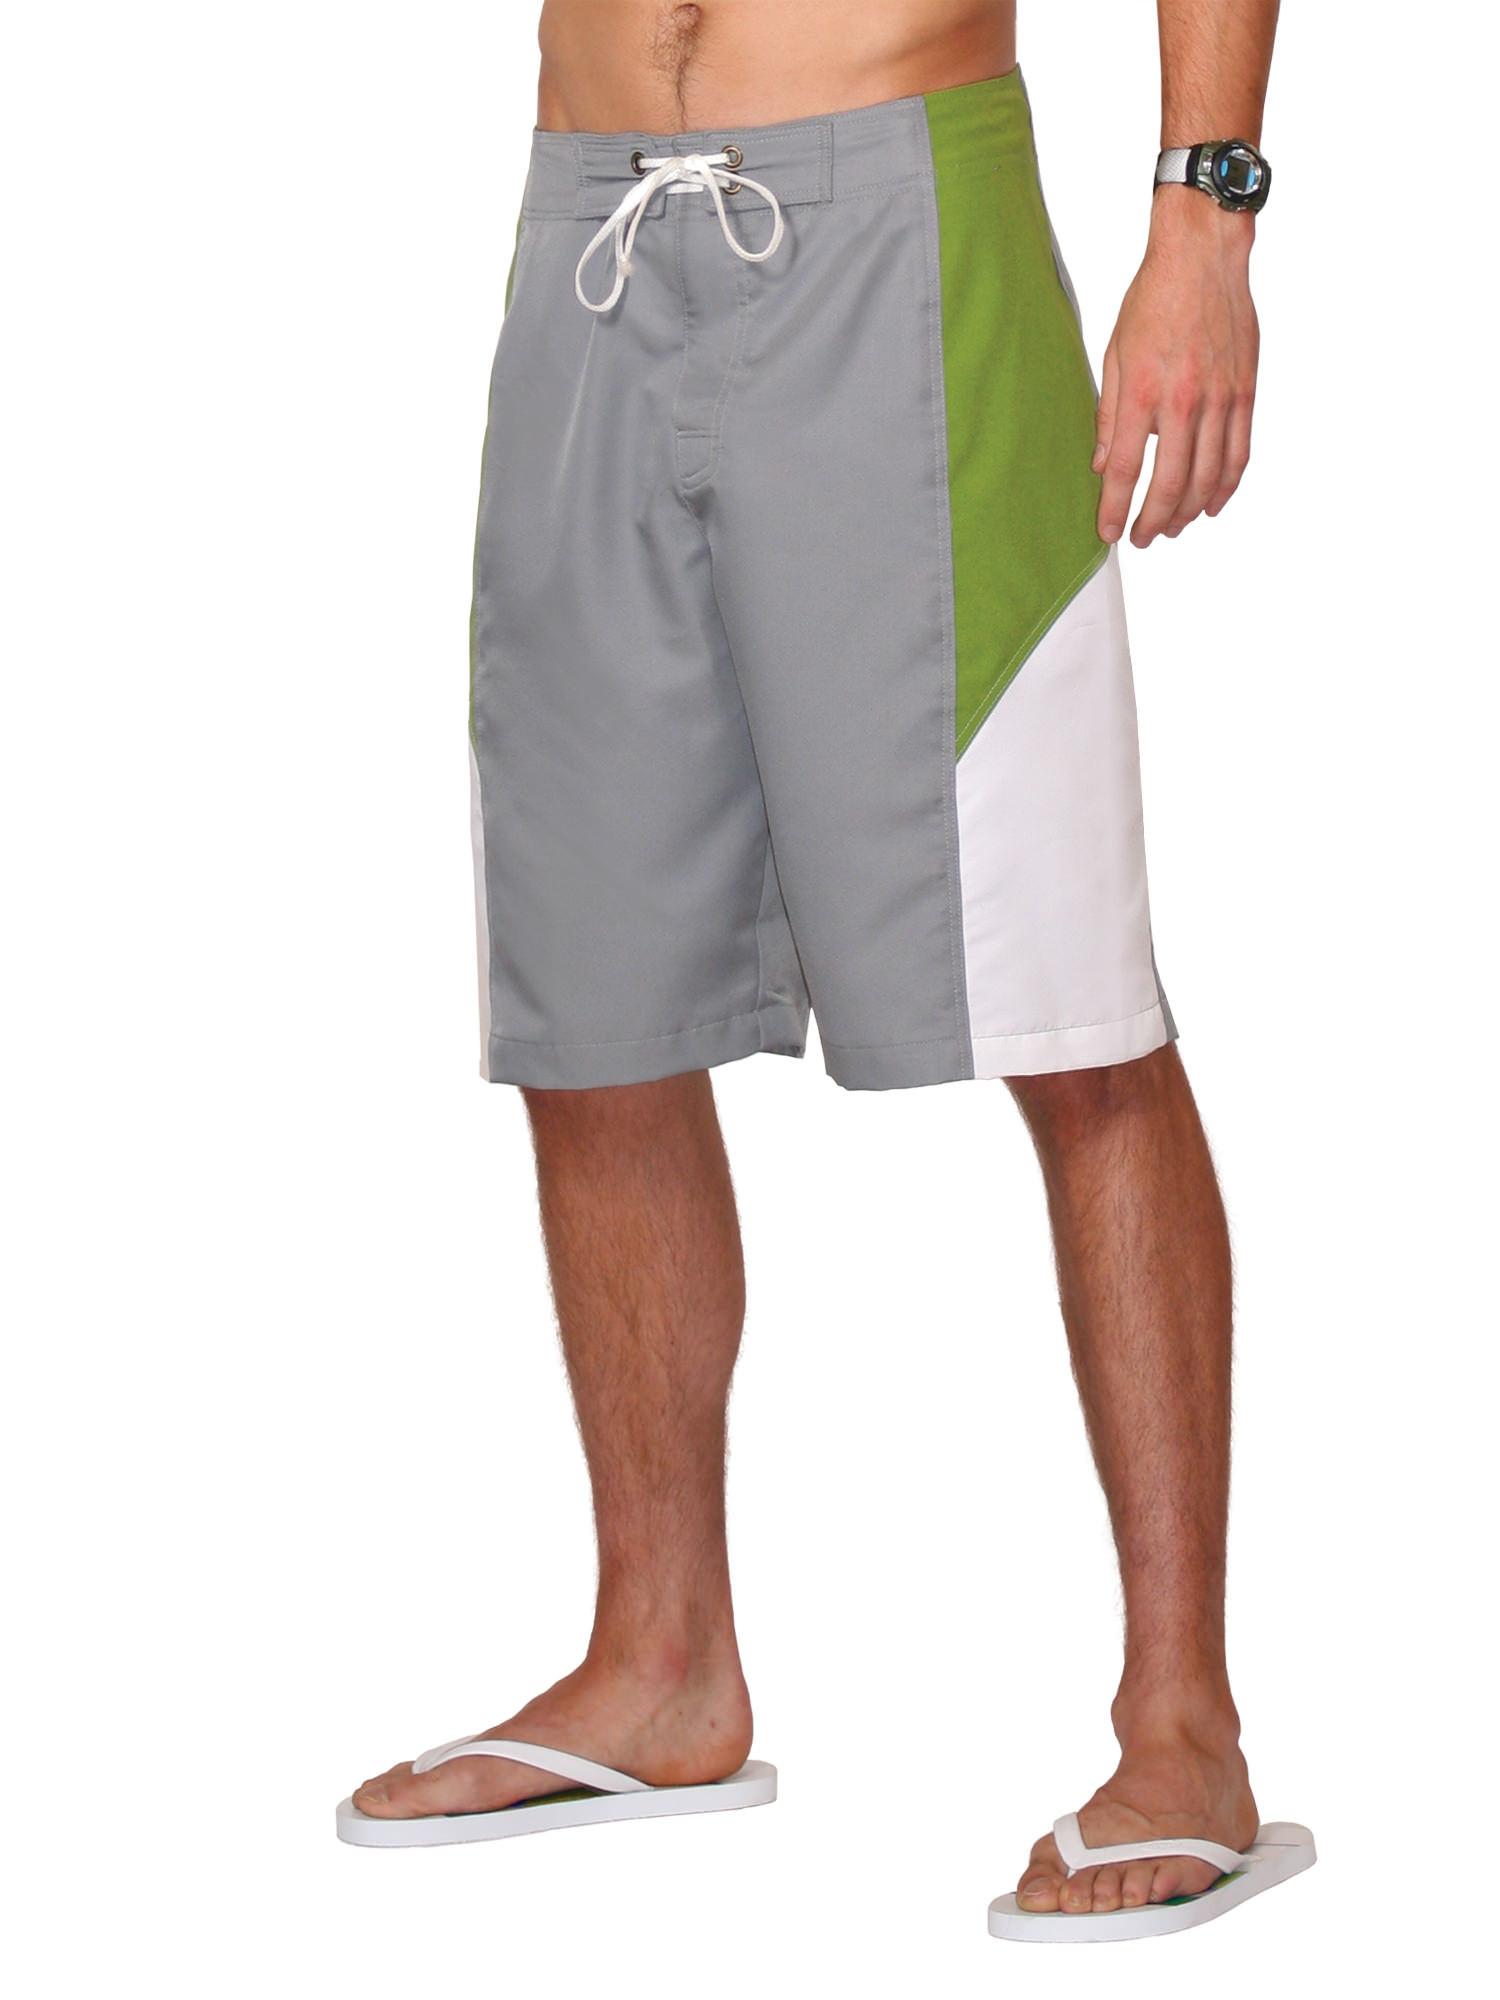 board shorts for men jalie 2678 - board shorts pattern for men jsgtcea